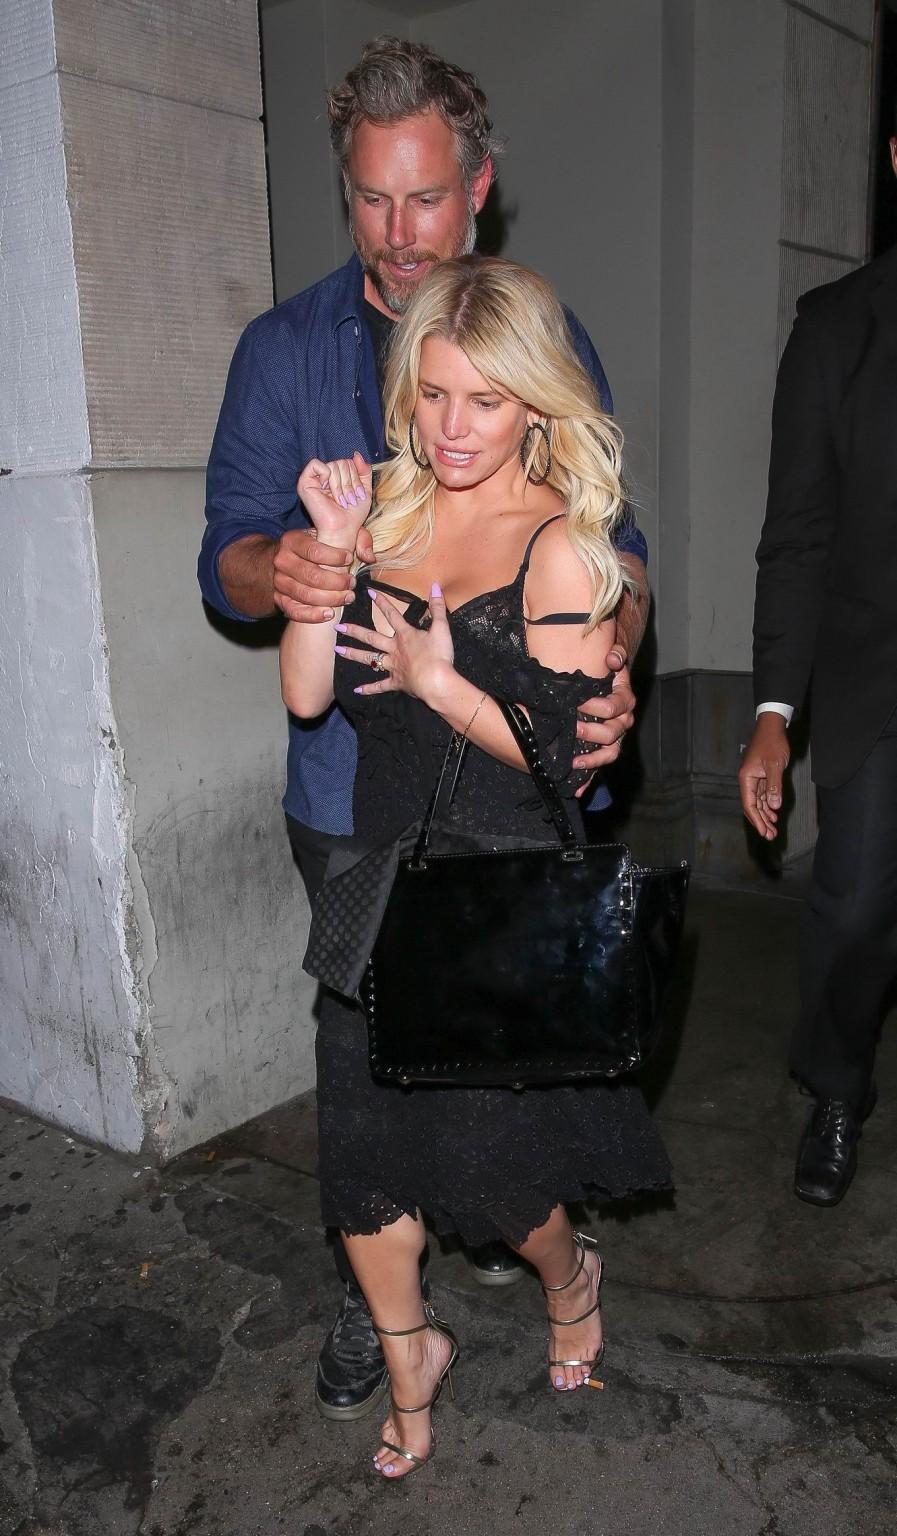 Развратную блондинистую актрису проводит к машине её хахаль